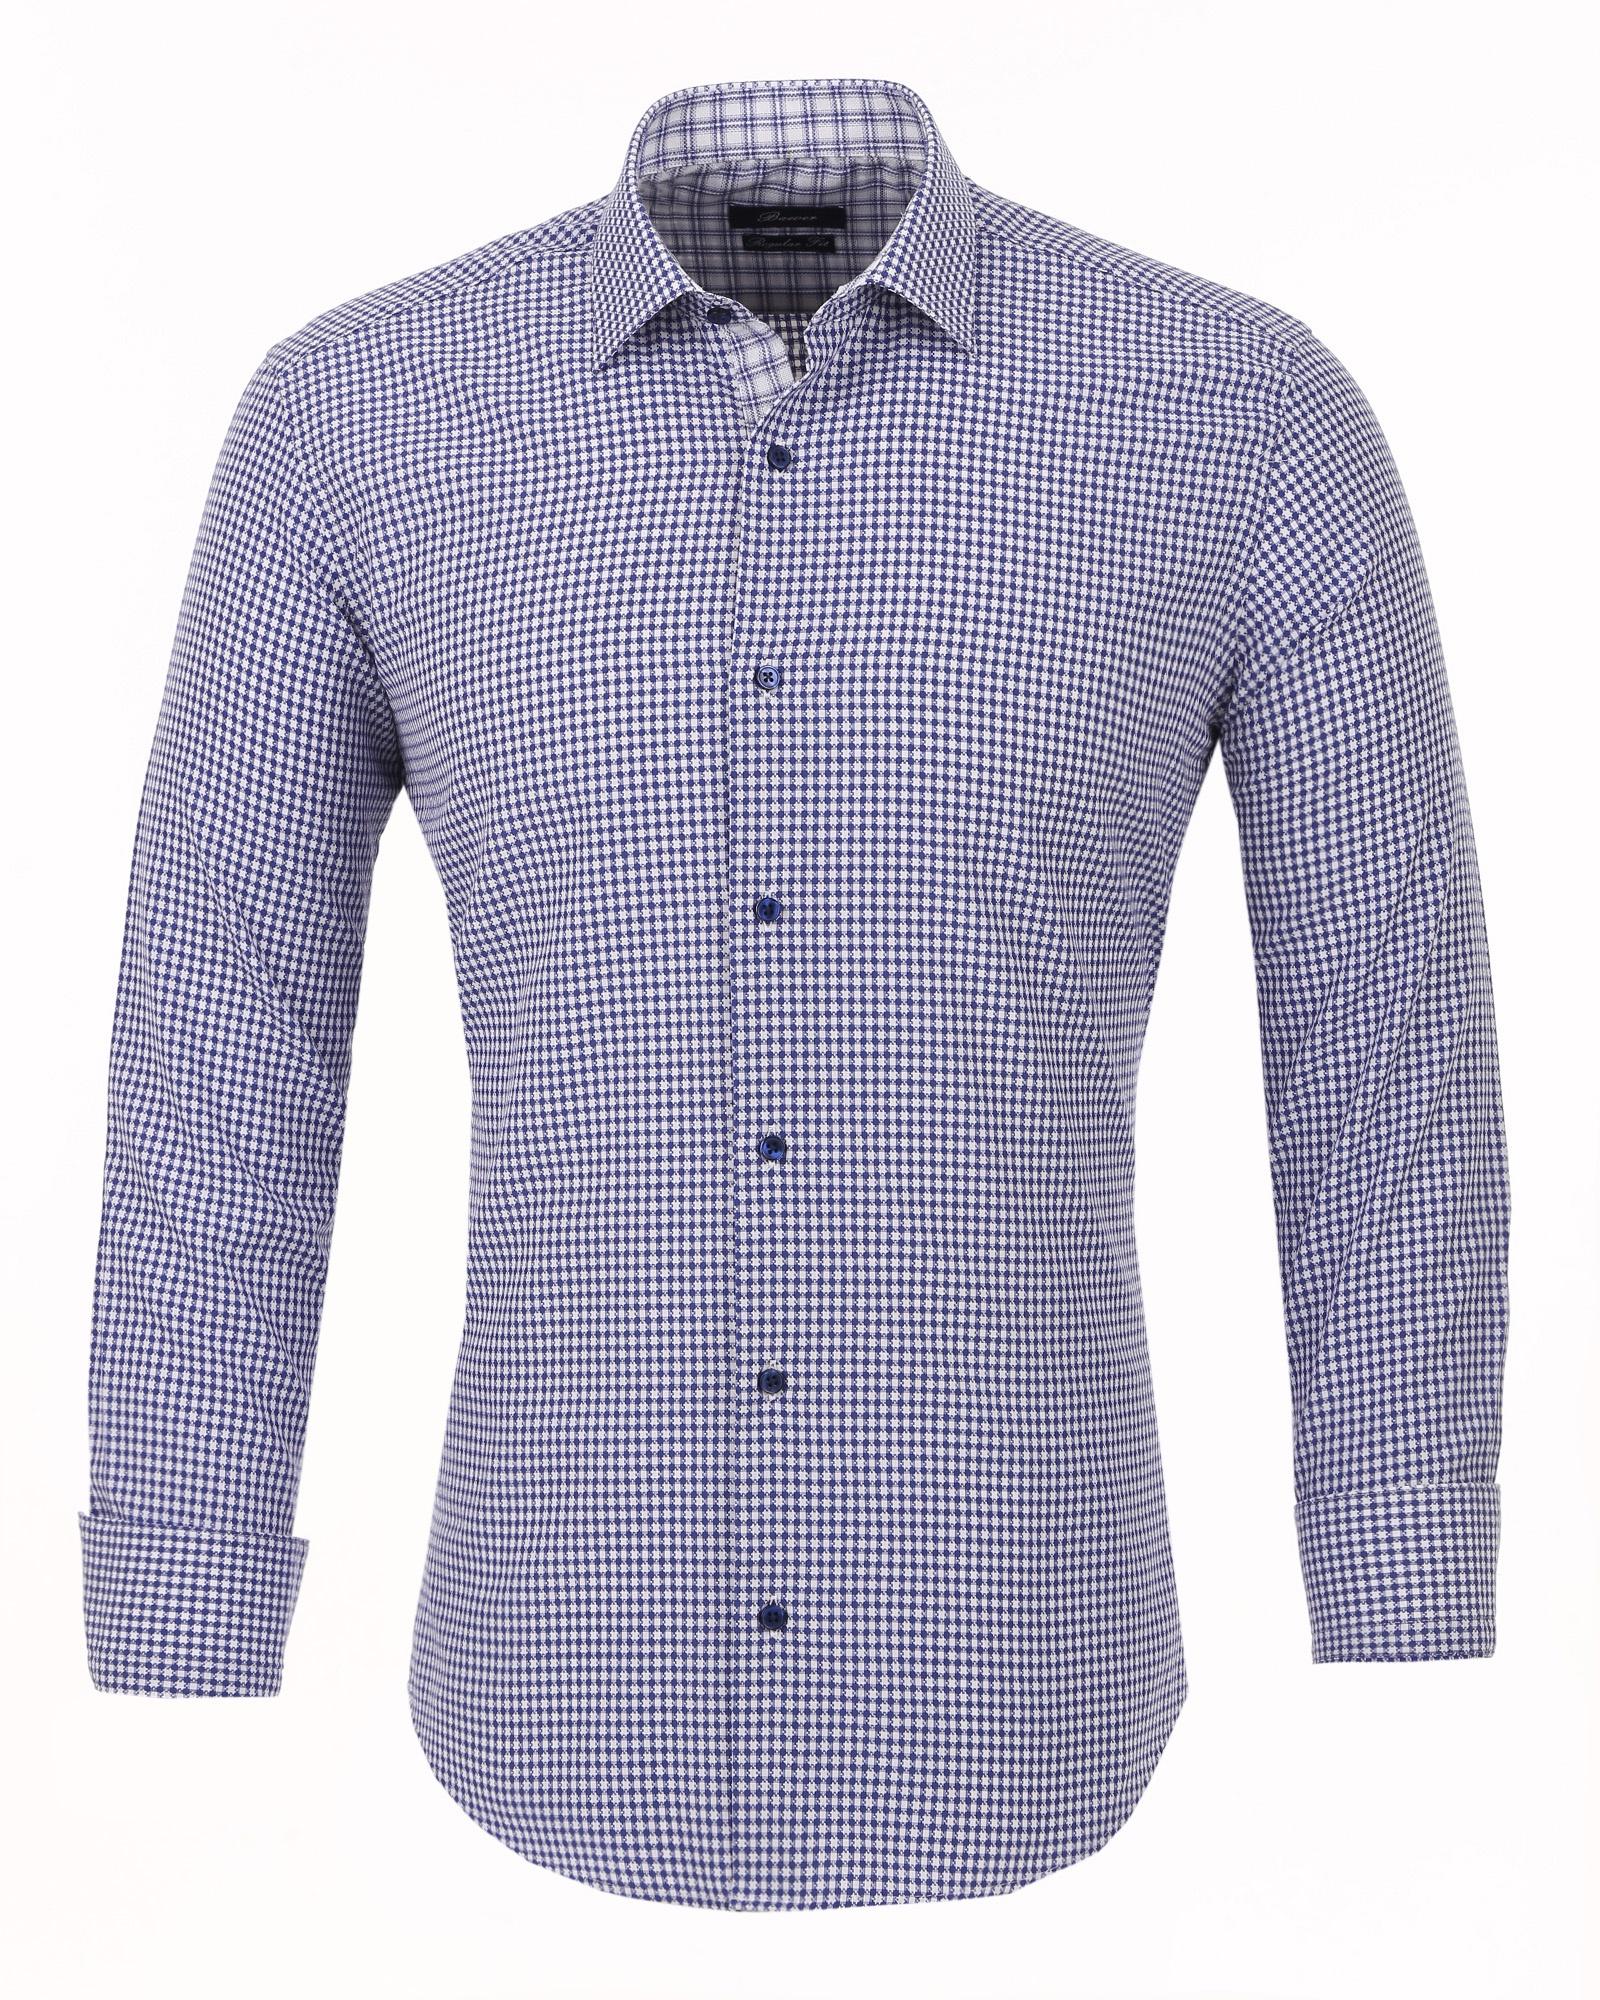 Рубашка Bawer РRZ1-50003-33_XXL, голубой 54, 56 размерРRZ1-50003-38_XXLМужская рубашка Bawer выполнена из высококачественного хлопка. Силуэт Regular Fit - это полуприталенная посадка, в меру зауженная и в тоже время просторная рубашка. Подходит для большинства типов фигур. Удобна в повседневной носке. Рубашка с отложным воротником и длинными рукавами, застегивается на пуговицы.